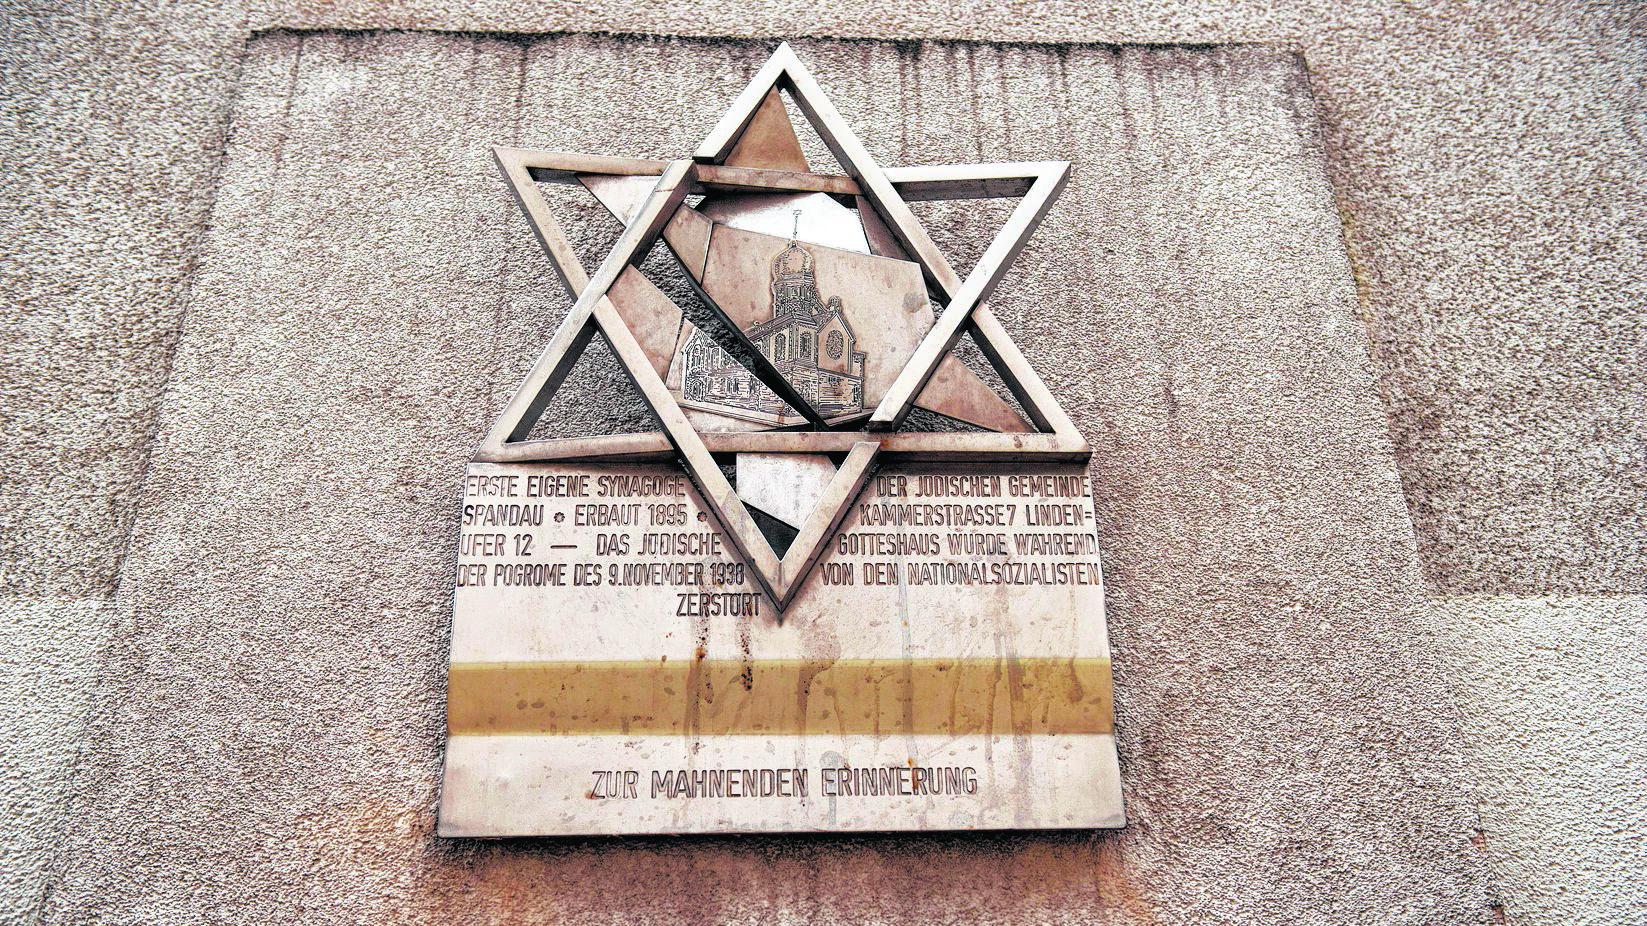 Spandau erinnert an Terror gegen Juden